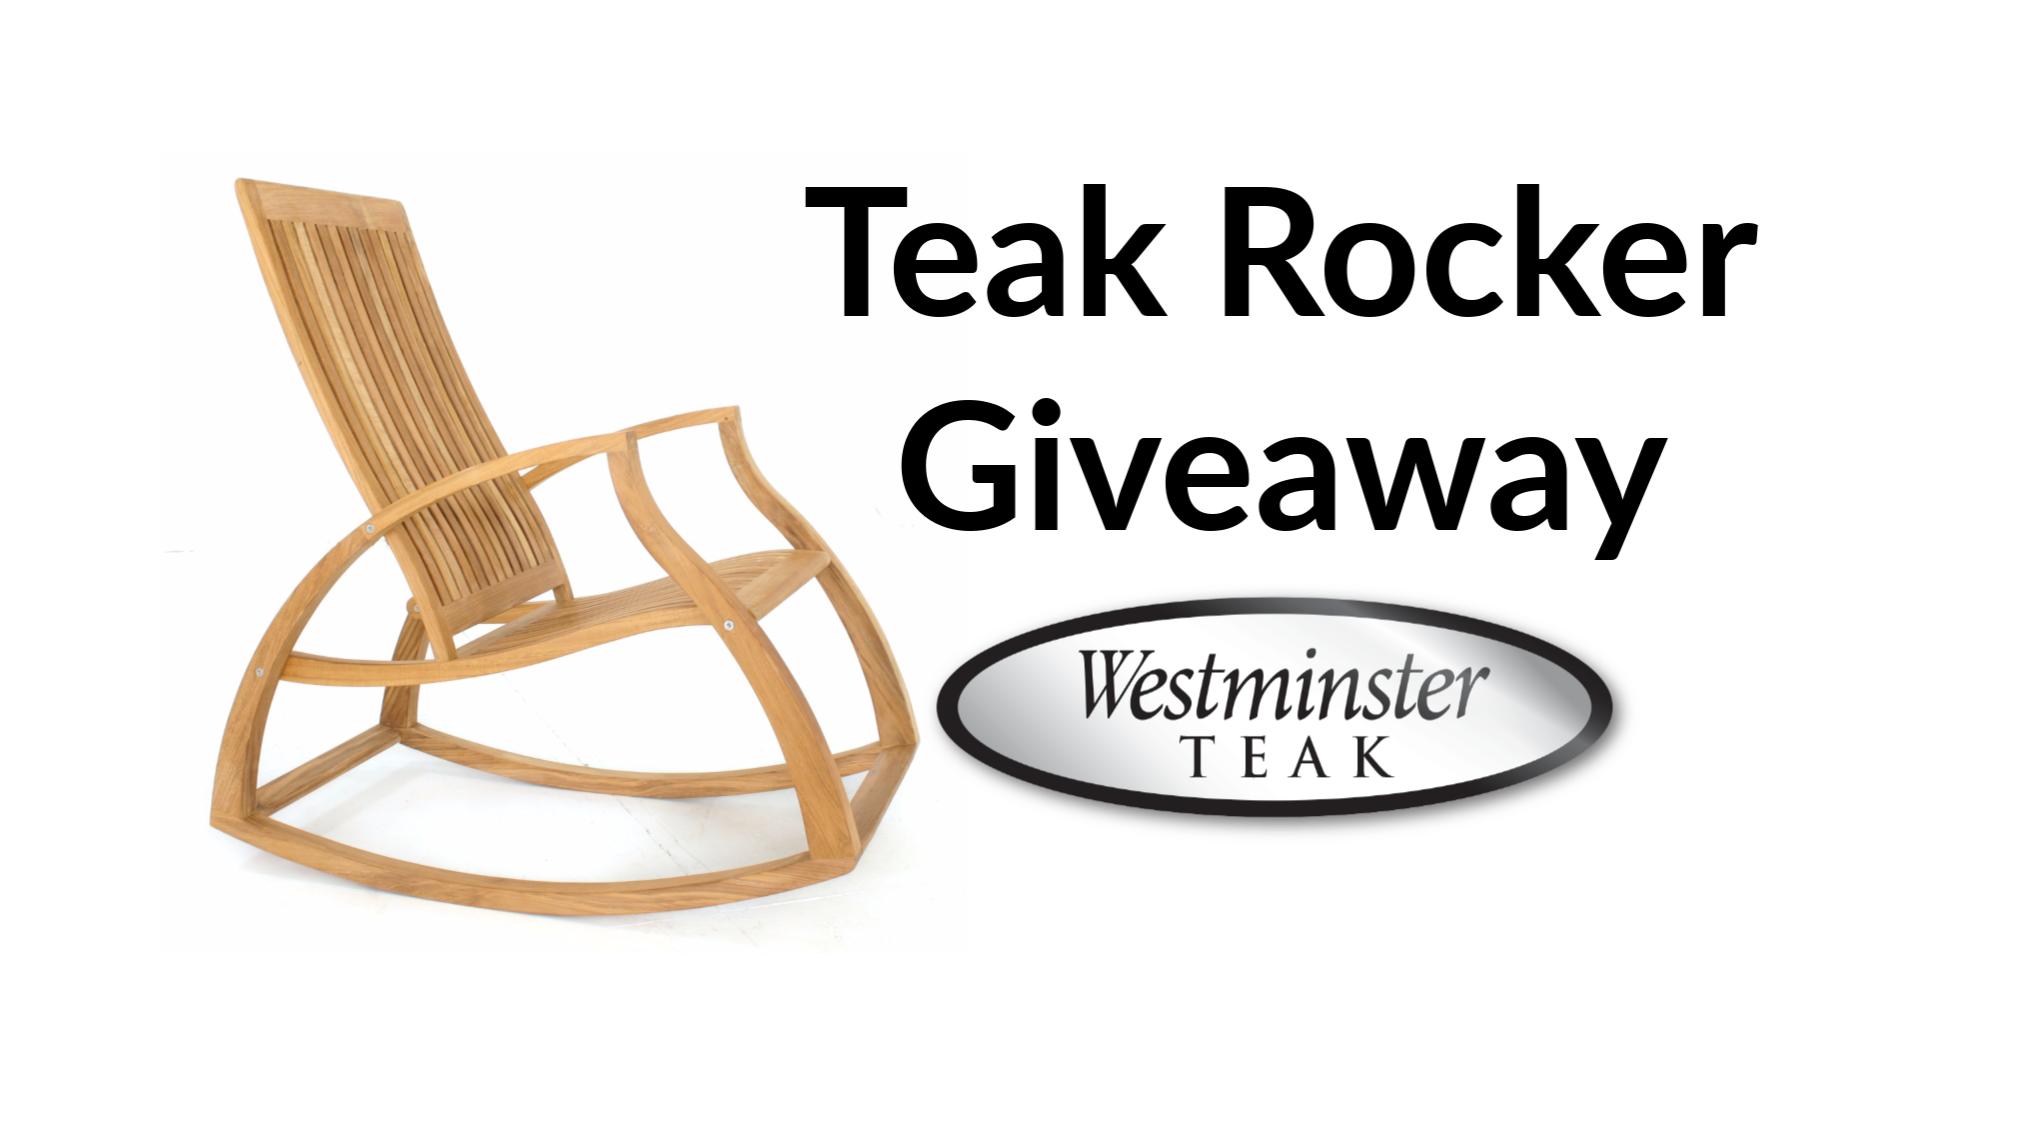 teak rocker giveaway